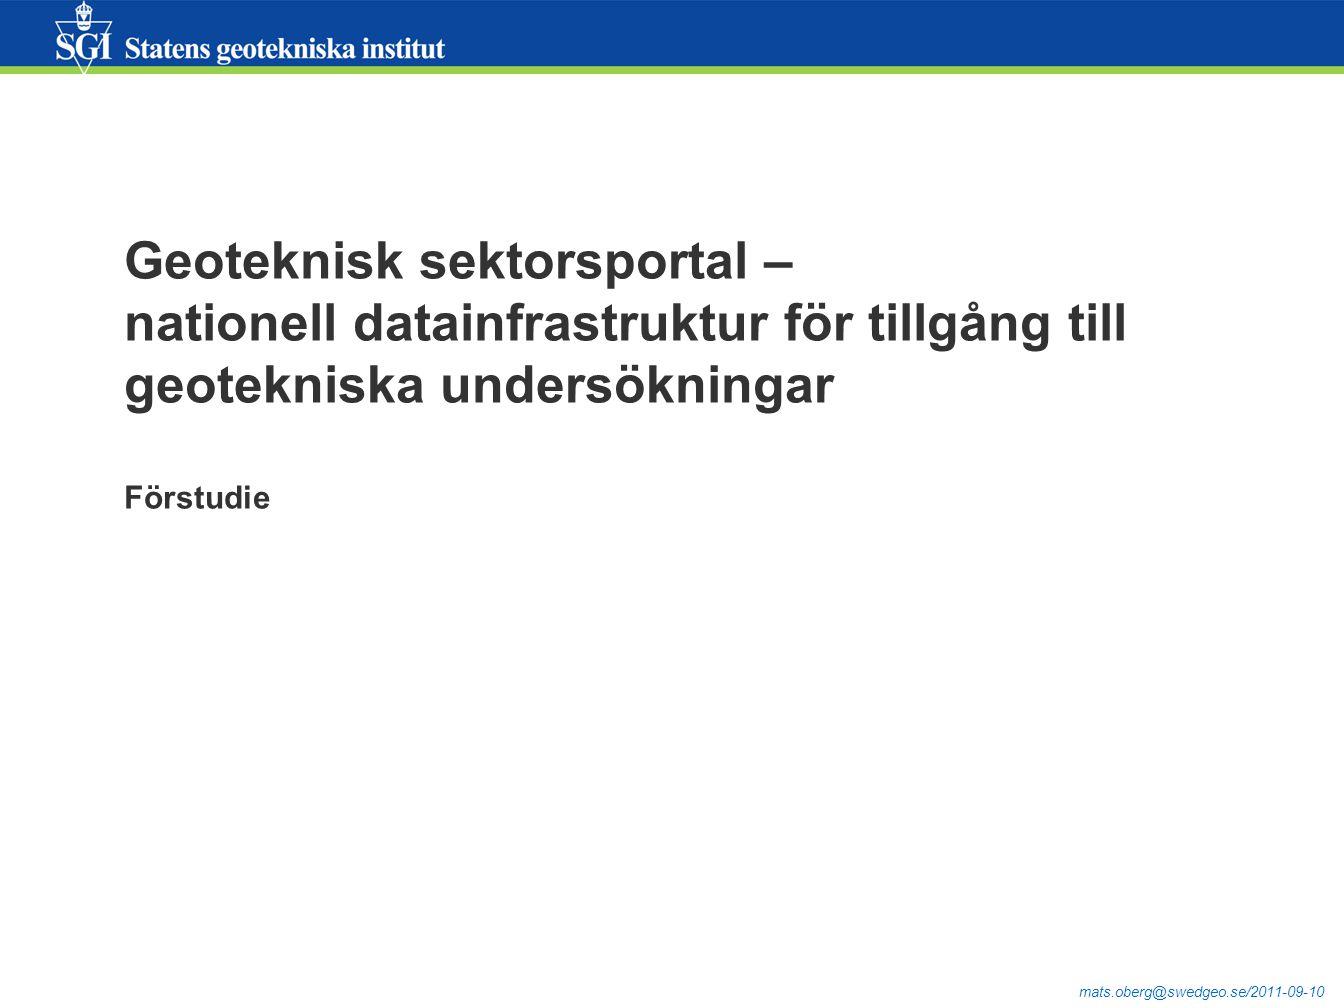 mats.oberg@swedgeo.se/2011-09-10 Geoteknisk sektorsportal – nationell datainfrastruktur för tillgång till geotekniska undersökningar Förstudie